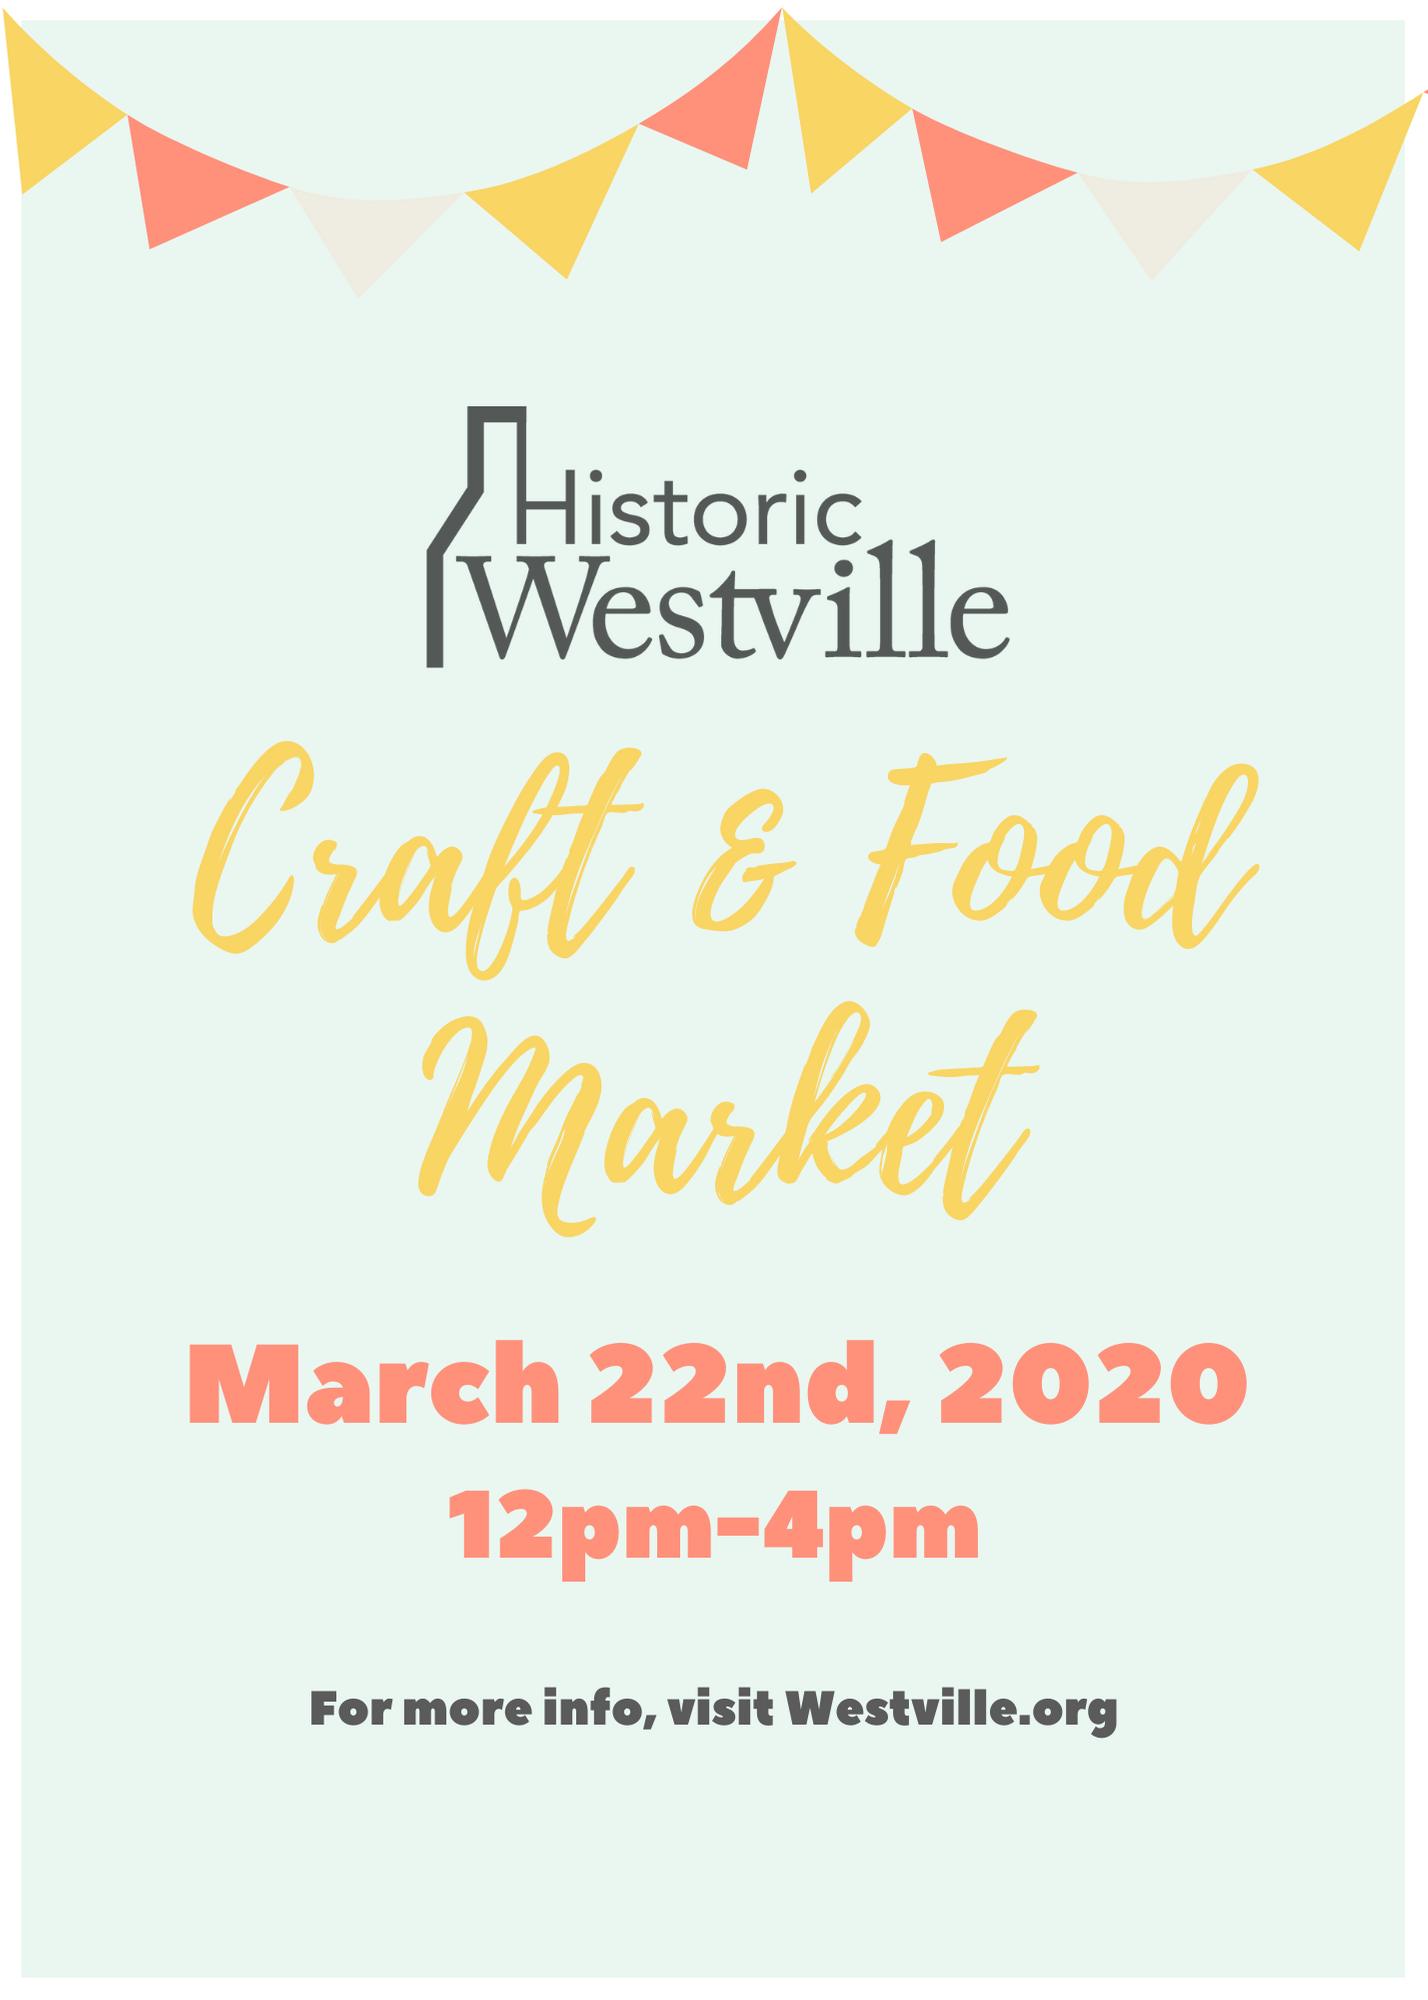 Market Day at Westville